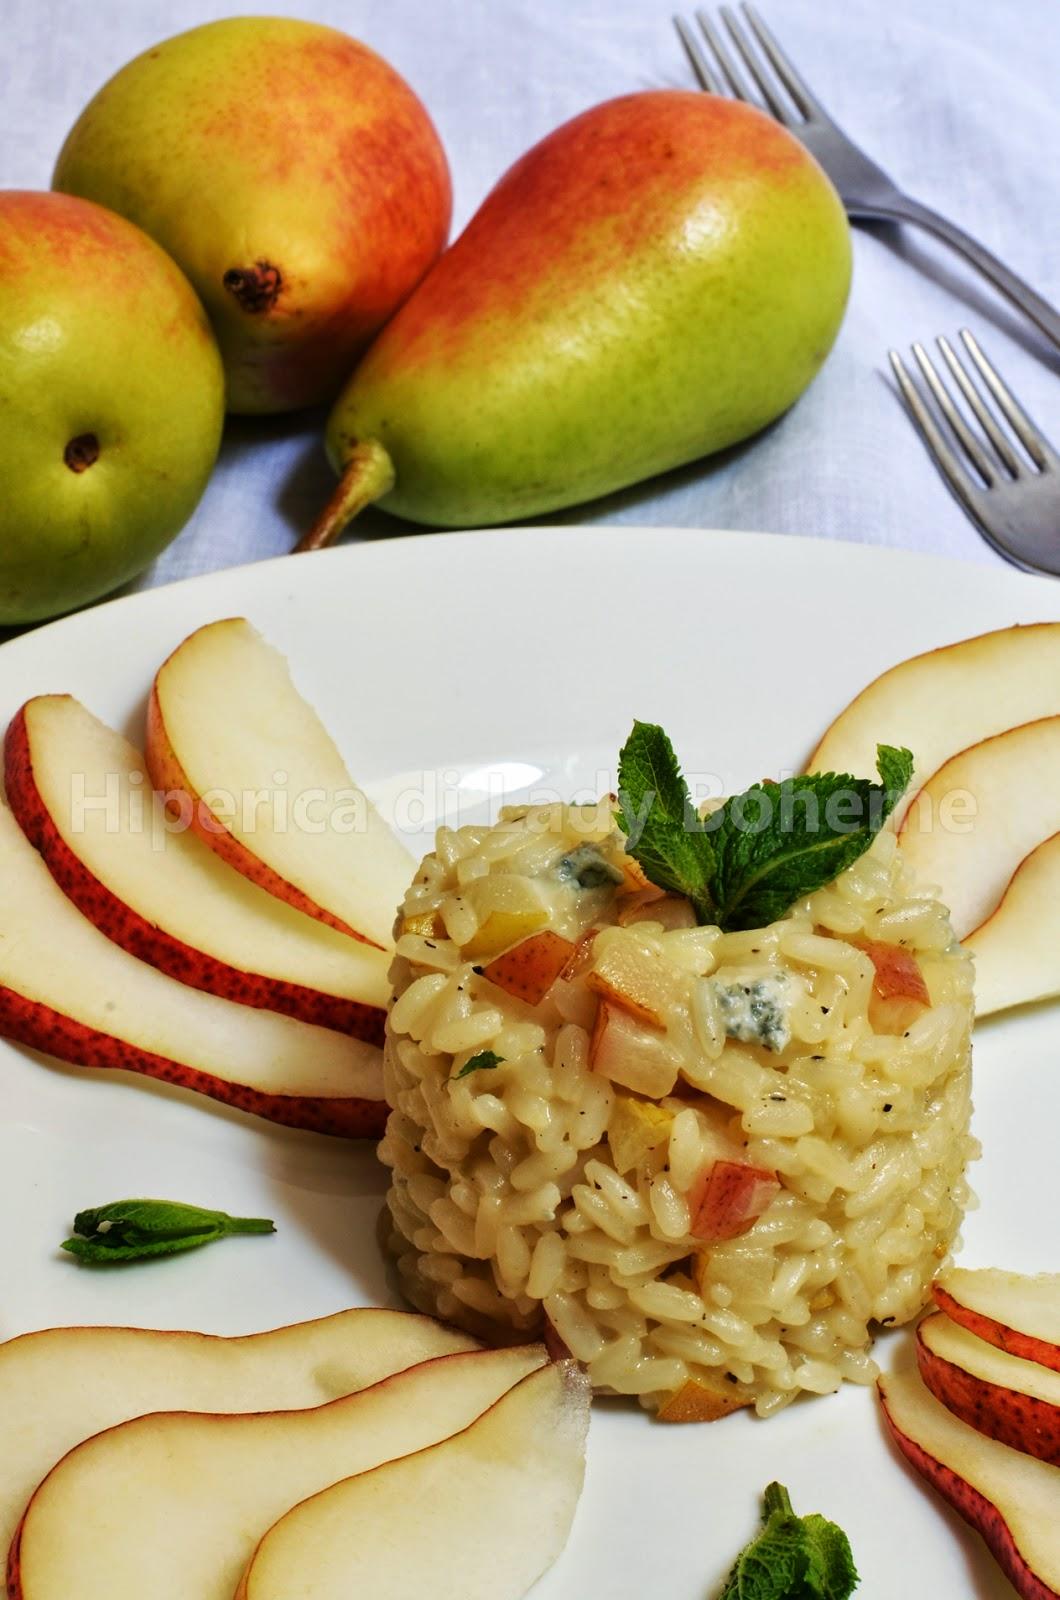 hiperica_lady_boheme_blog_cucina_ricette_gustose_facili_veloci_risotto_alle_pere_e_gorgonzola_2